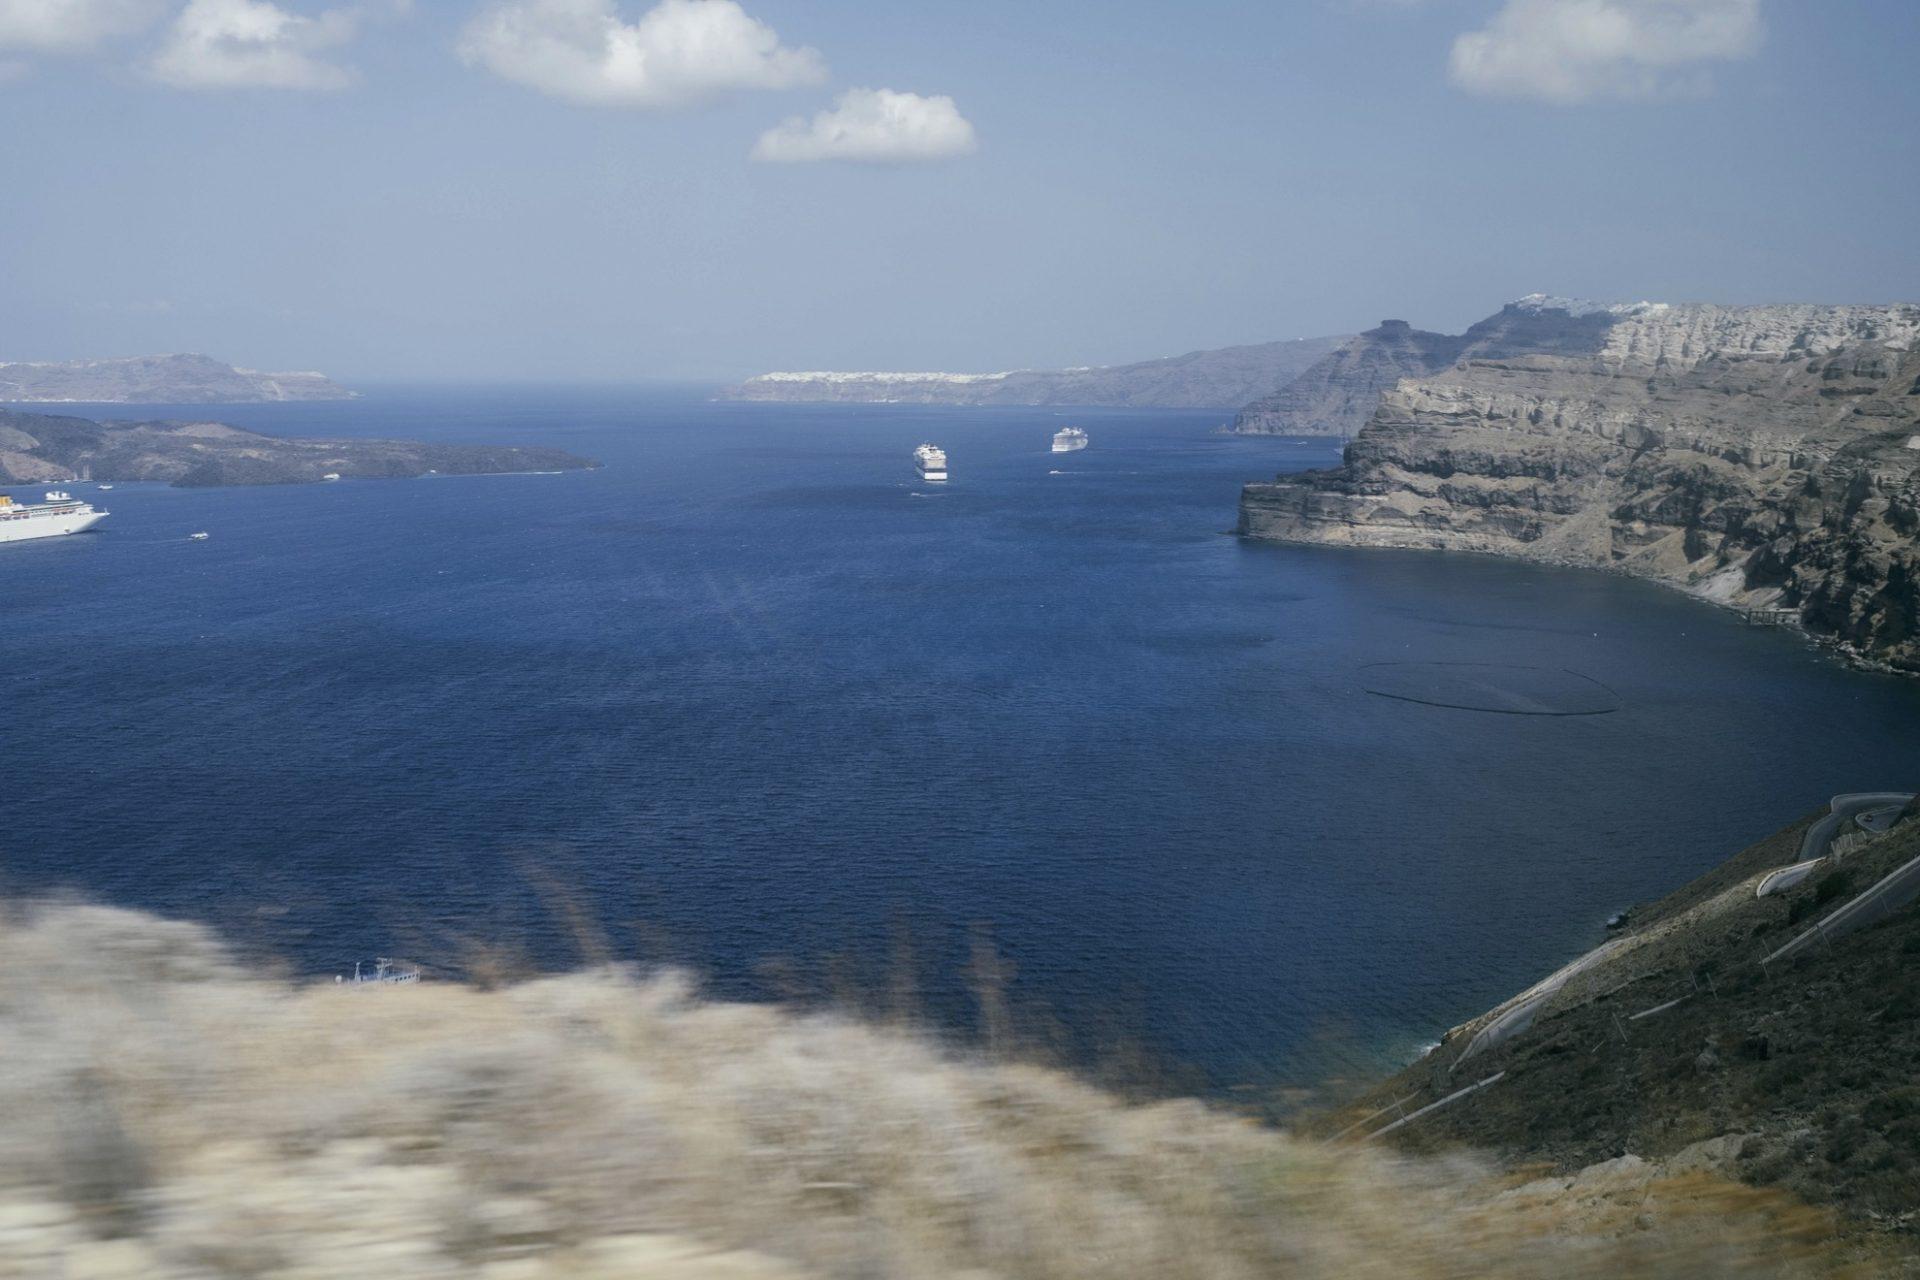 grece@laurentparienti - 2